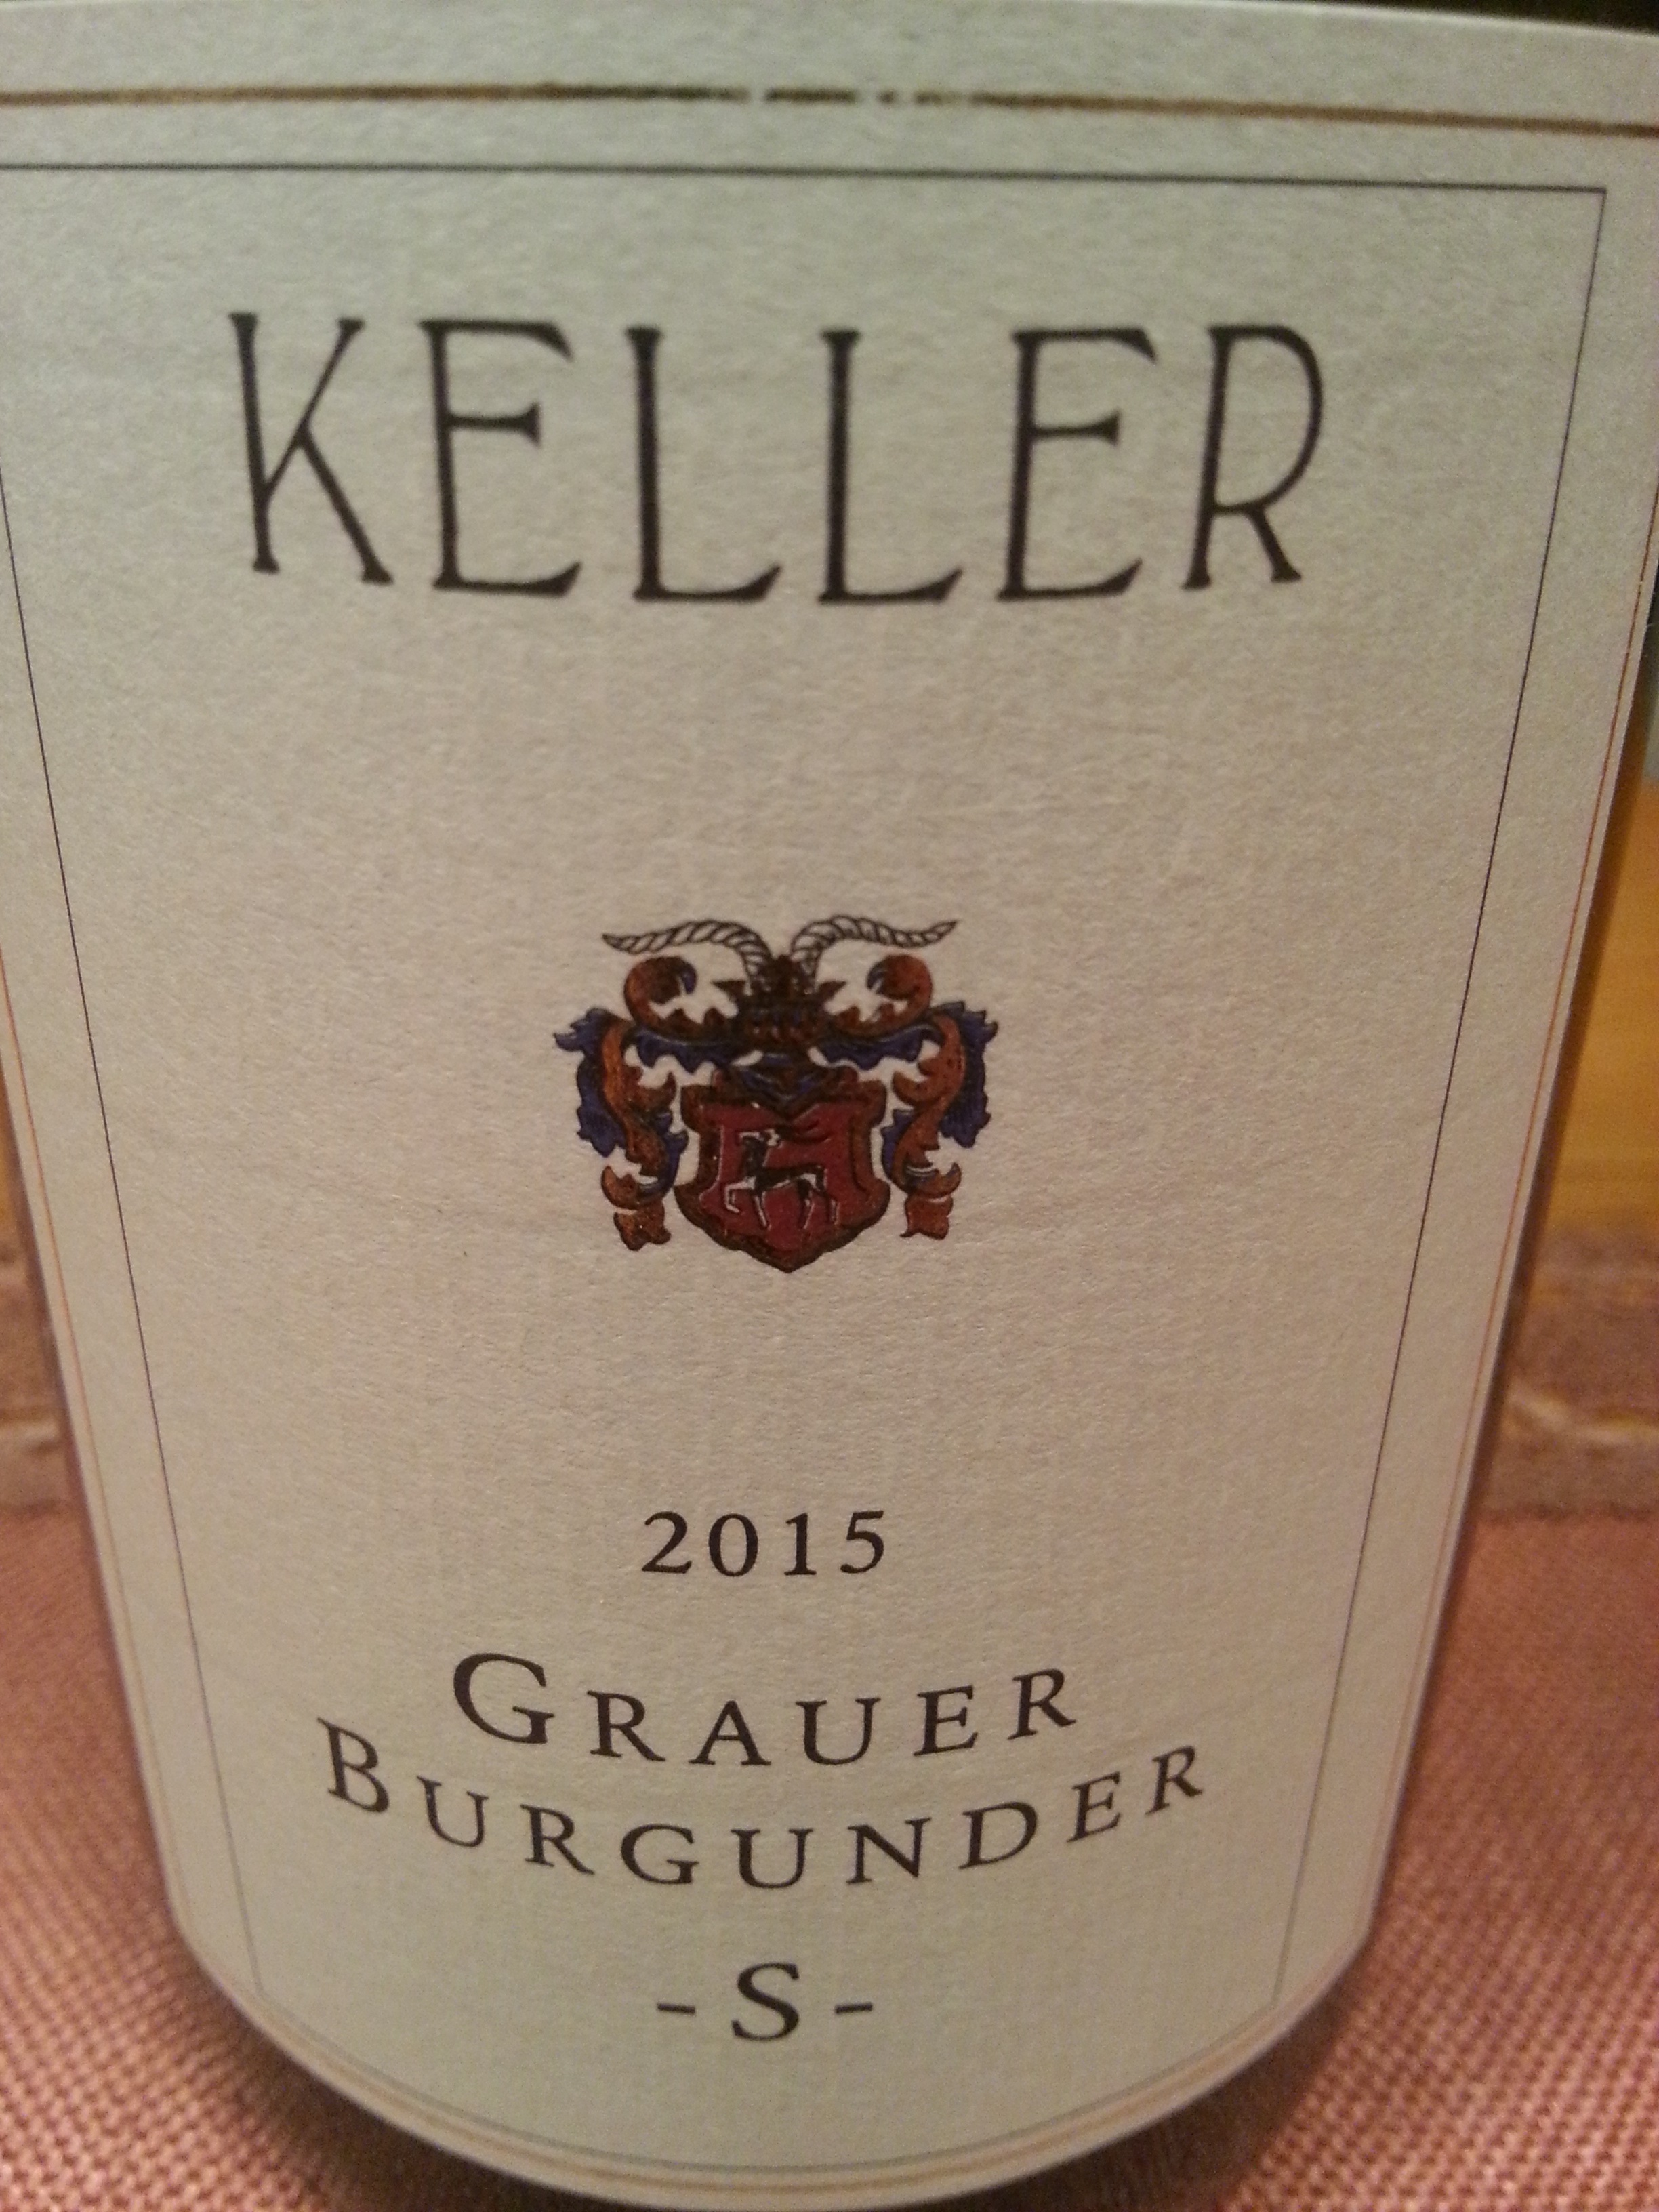 2015 Grauer Burgunder S | Keller